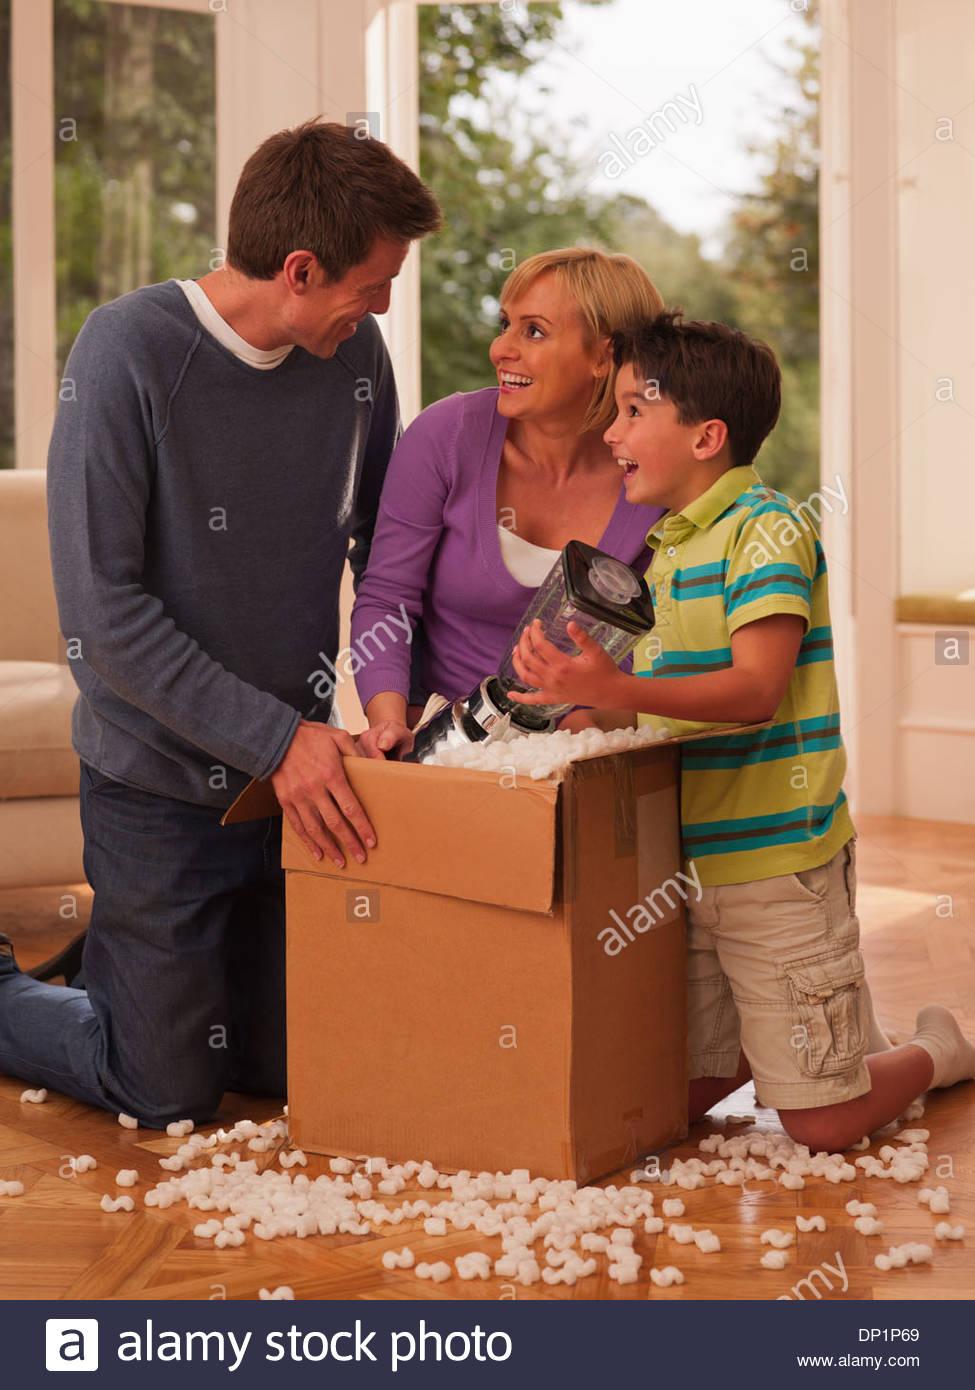 Famiglia apertura della casella nel soggiorno Immagini Stock